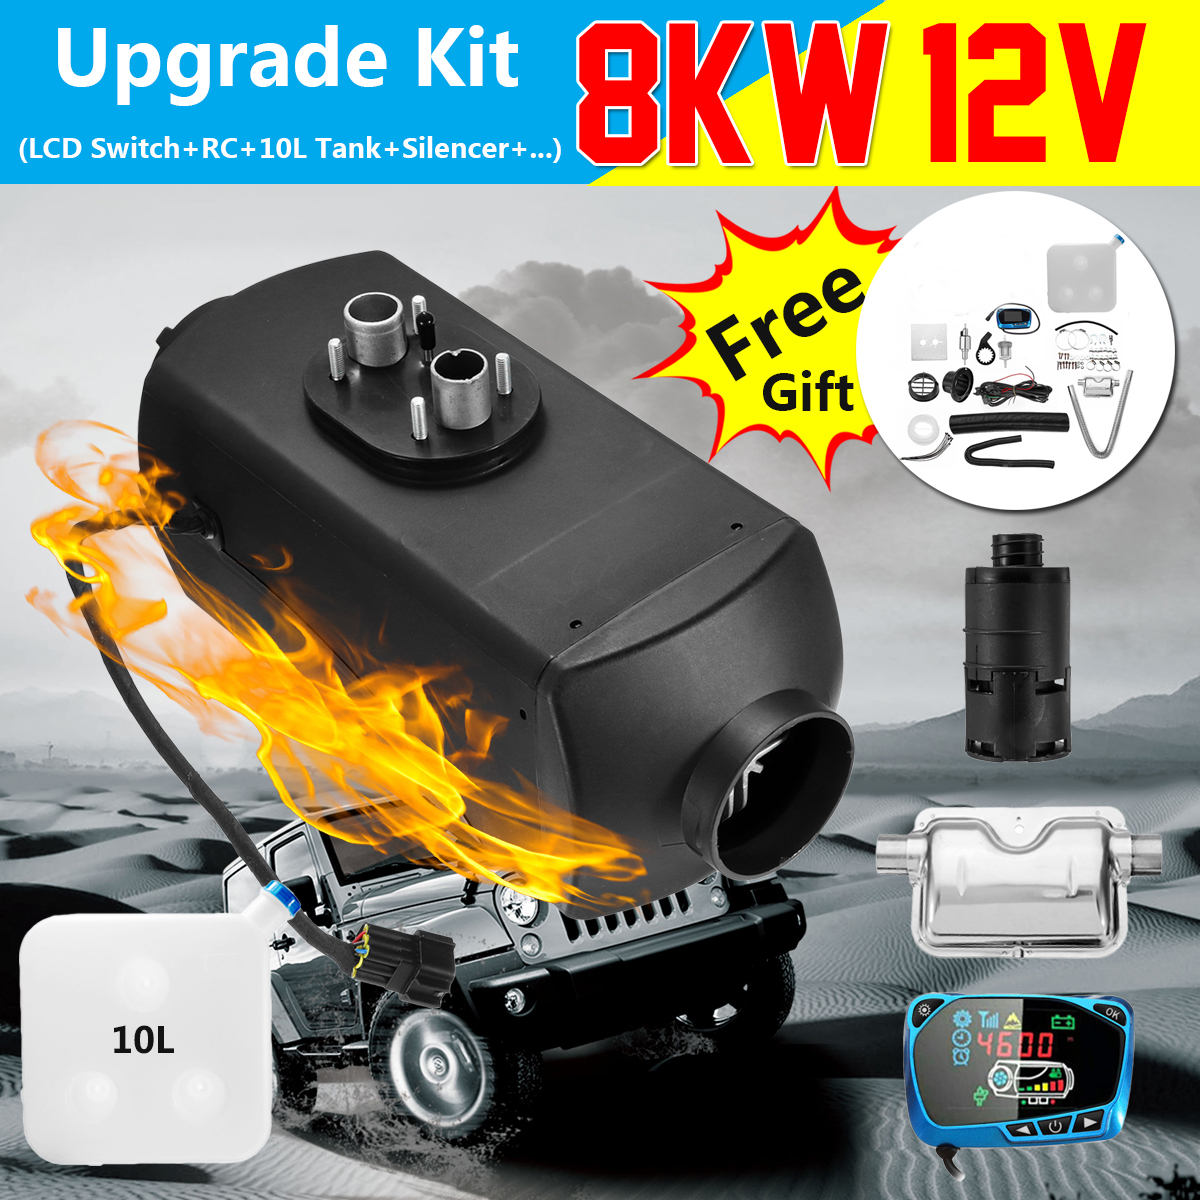 Air Diesel/Chauffe-8KW 12 V Planaire LCD pour la voiture Camions Bateaux Moteur-Maisons Dernière Kit Moniteur pour RV camping-car Remorque Avec Télécommande